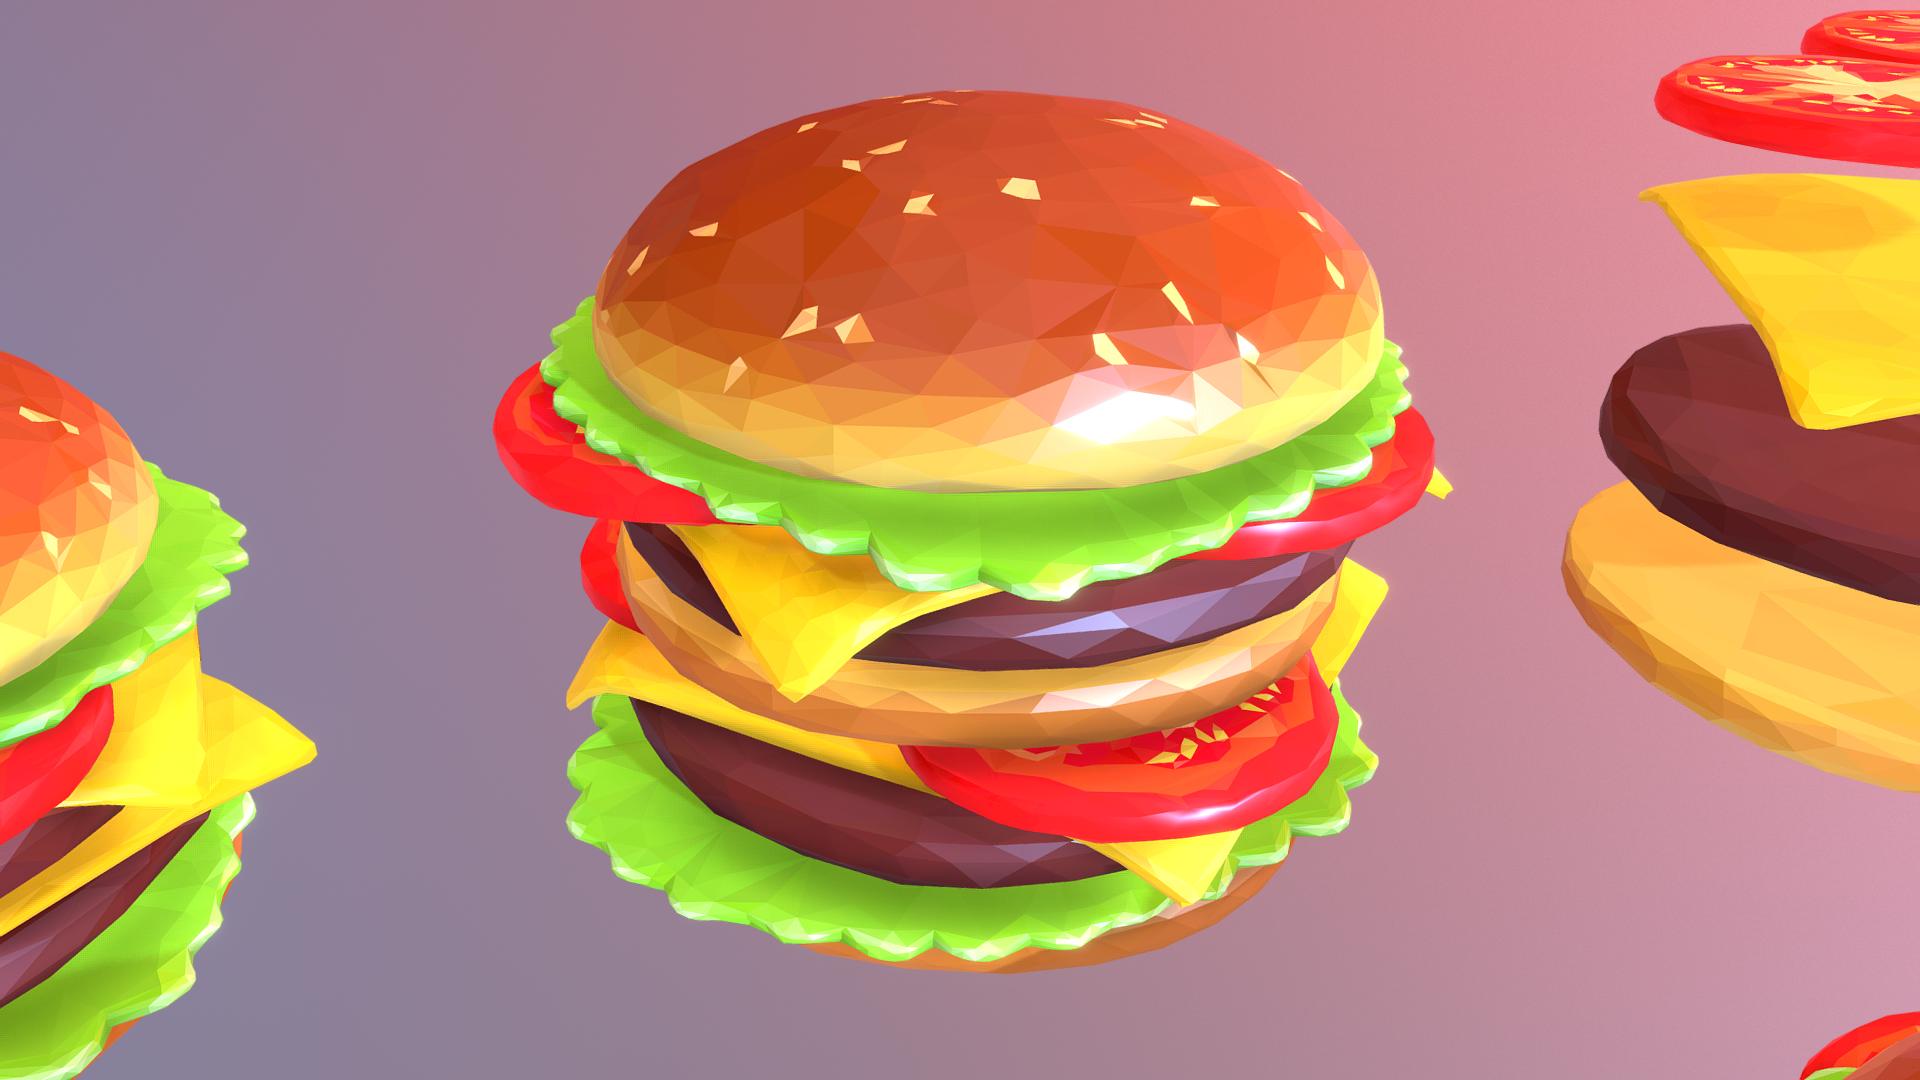 низькополярний бургер чизбургер конструктор 3d модель 3ds макс.